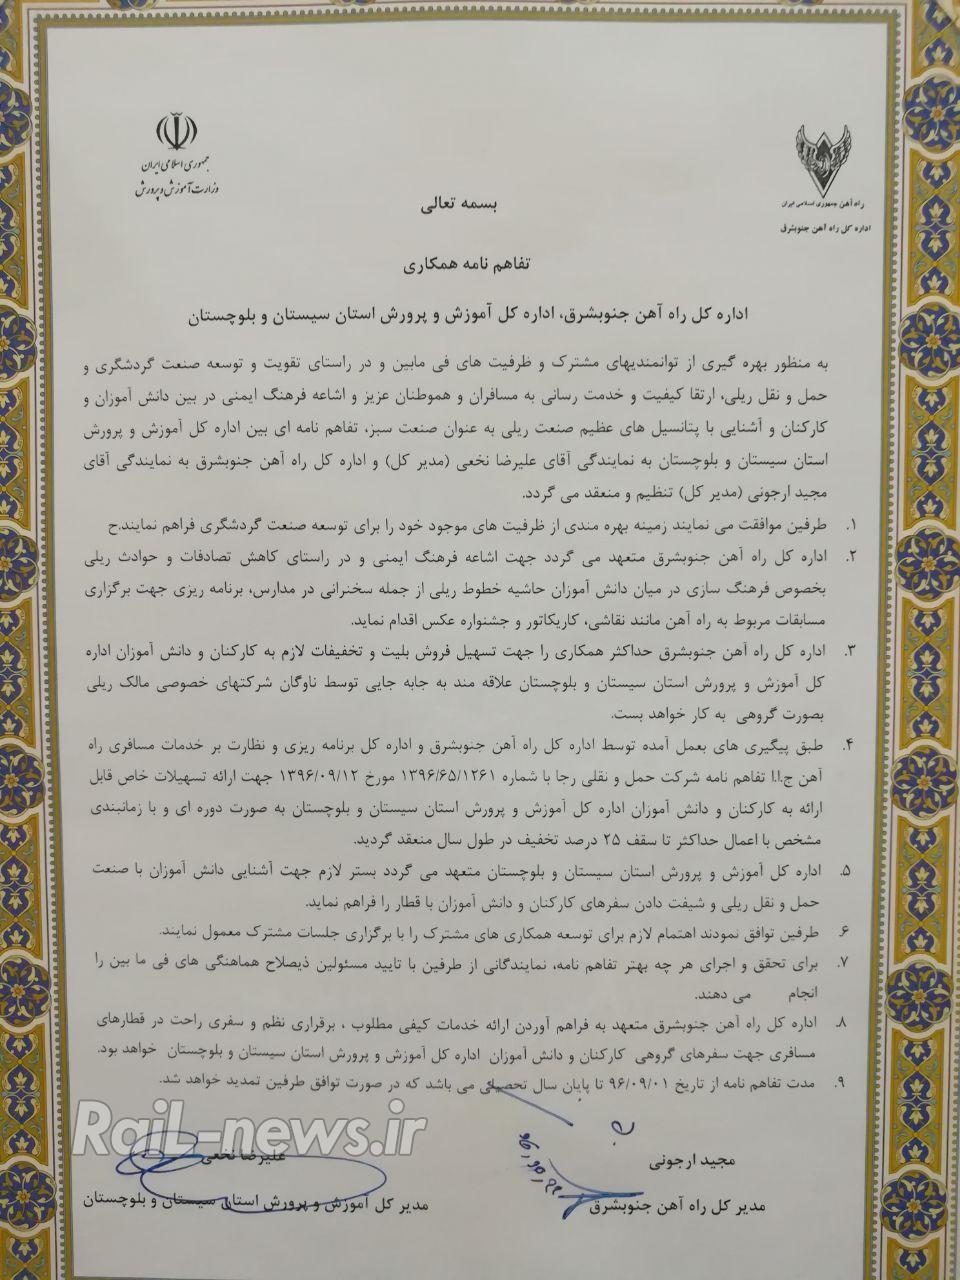 ارائه خدمات ریلی با تخفیف به فرهنگیان استان سیستان و بلوچستان